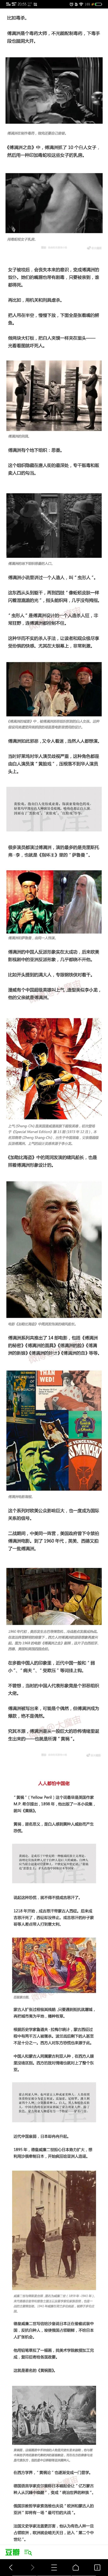 漫威首位华裔英雄的背景惹争议,你们怎么看?